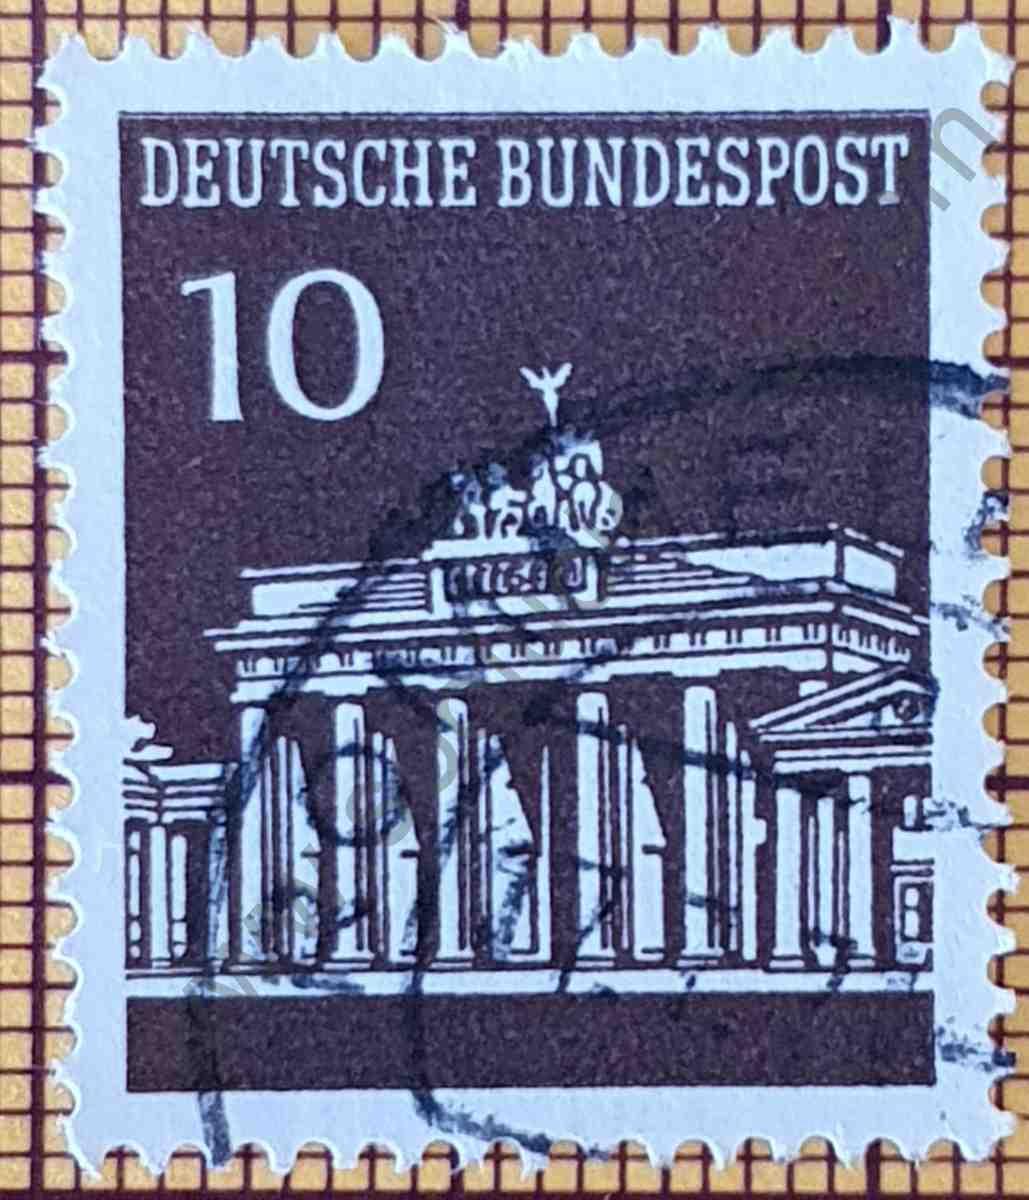 Puerta Brandenburg 10Pf - Sello de Alemania año 1966